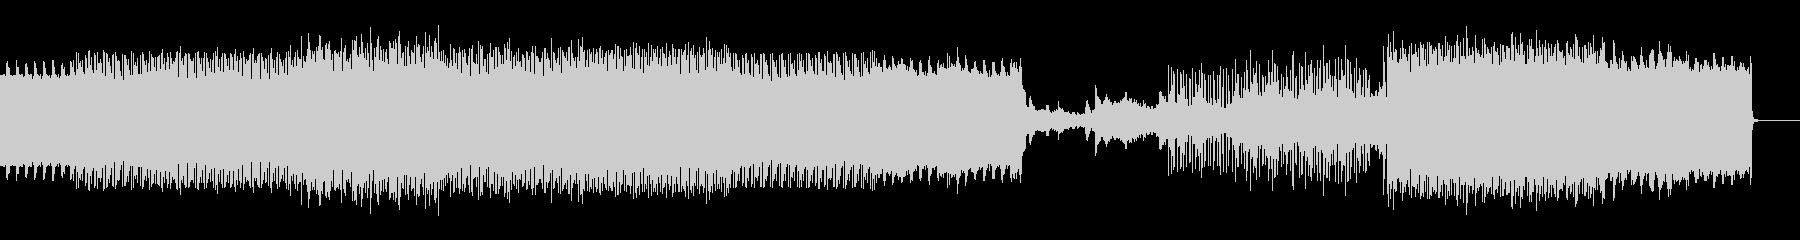 ヘビーな音が迫ってくるダークテクノBGMの未再生の波形